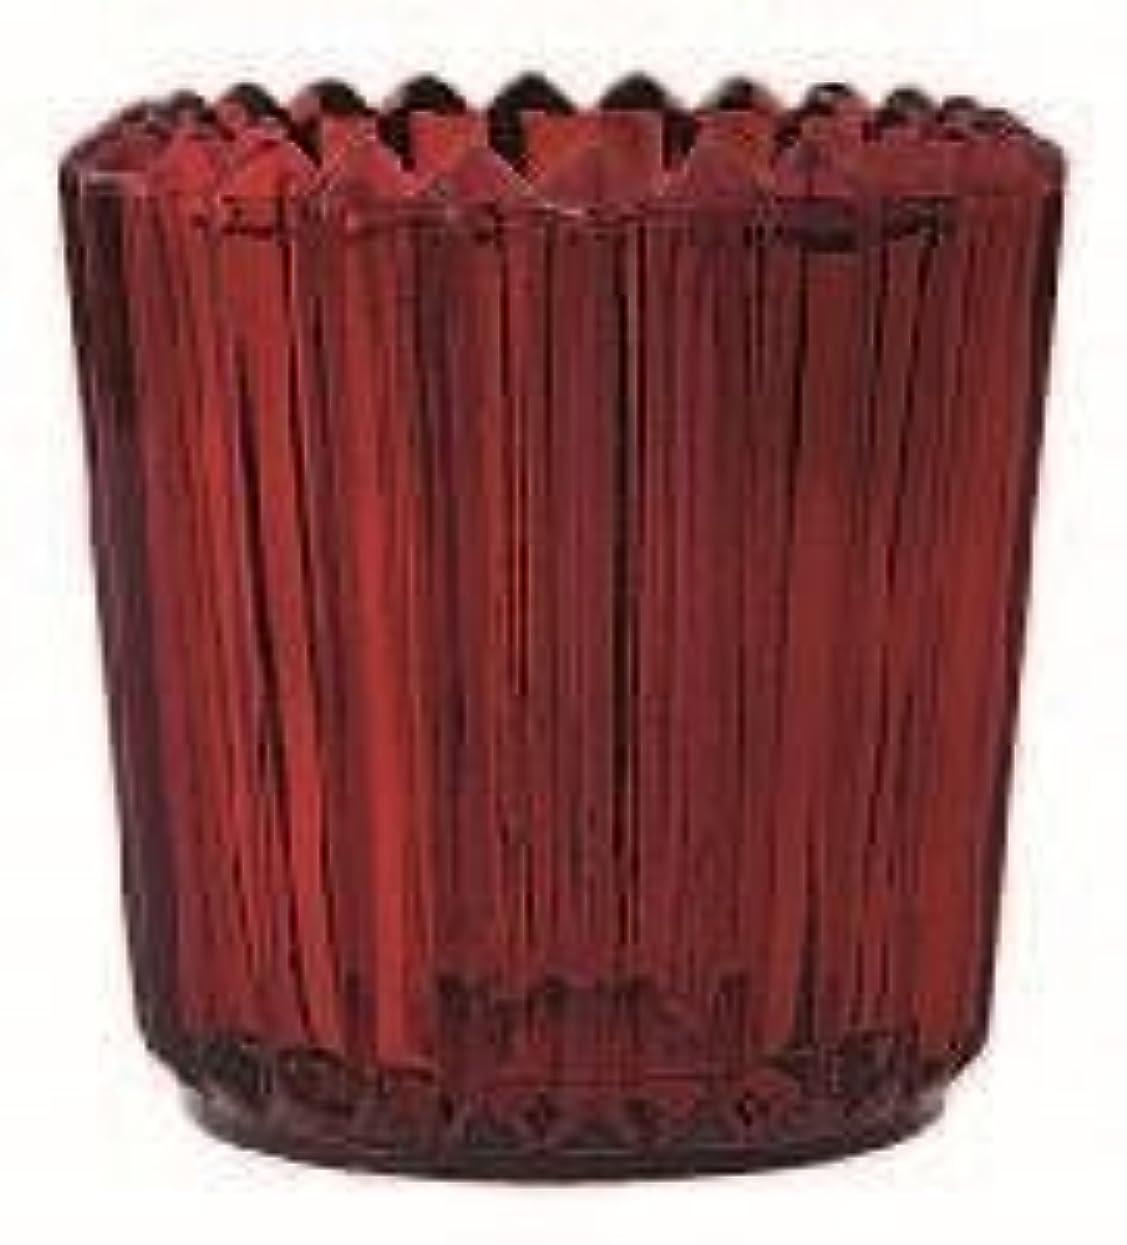 フラフープブリリアントスロープkameyama candle(カメヤマキャンドル) ソレイユ 「 レッド 」(J5120000R)